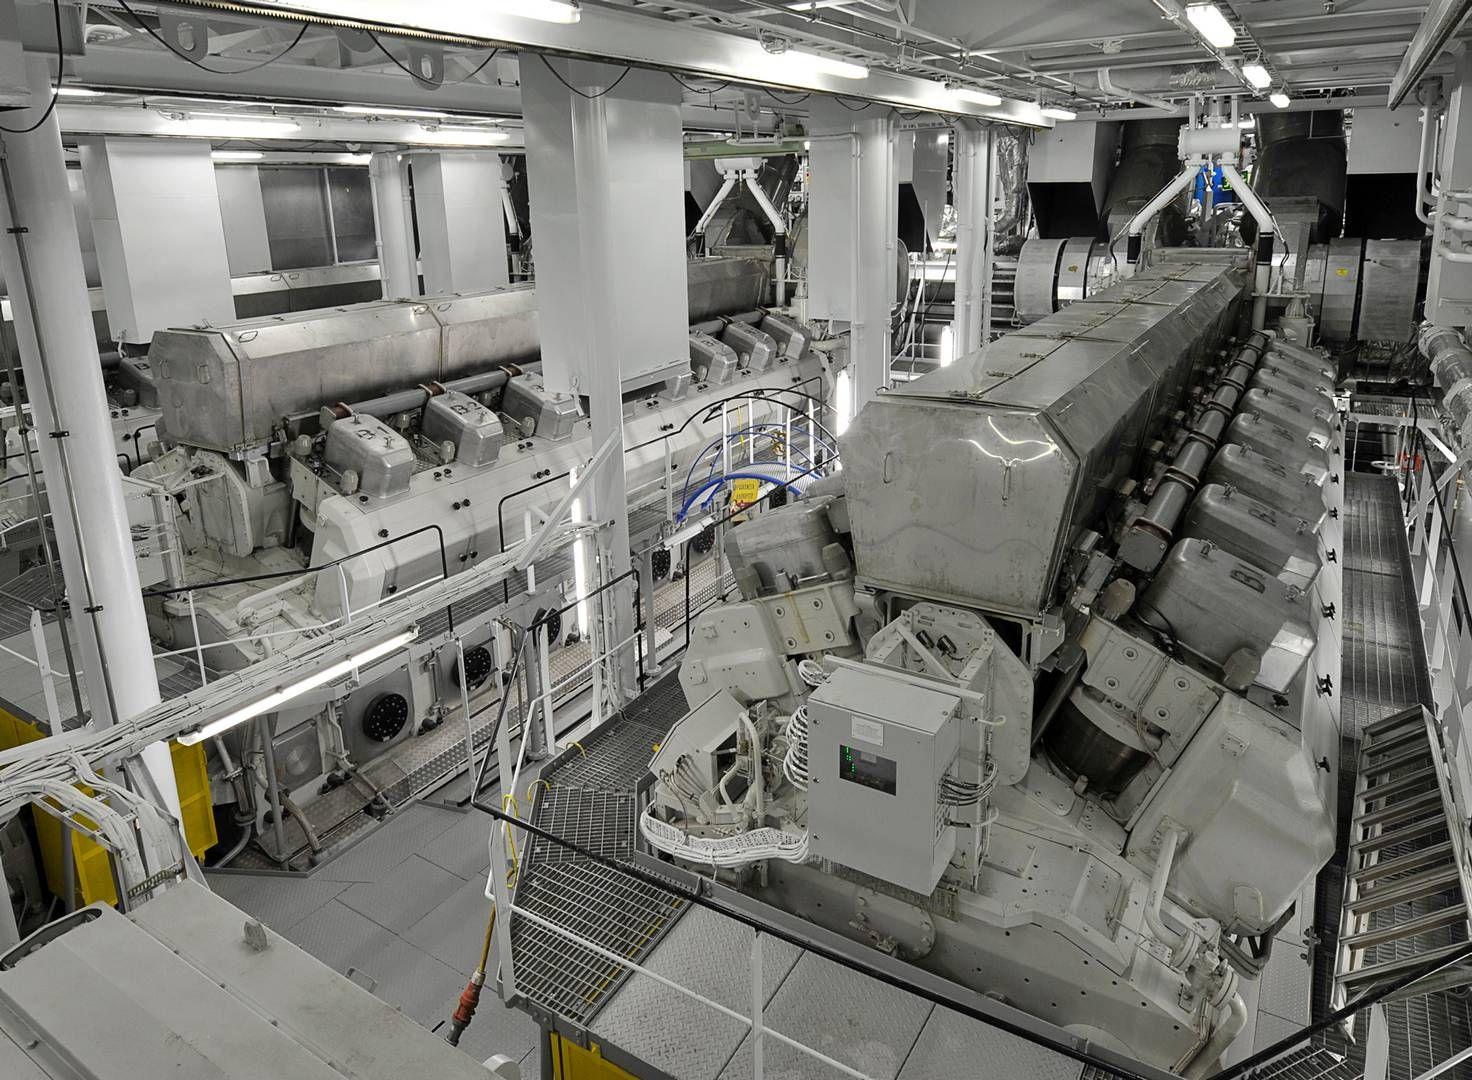 Wärtsilä-motorene til cruiseskipet Allure of the Seaser er spekket med sensorer. Informasjonen som går til kontrollrommet på skipet, kan like gjerne sendes til land. Foto: Wärtsilaä/JOUNI SAARISTO